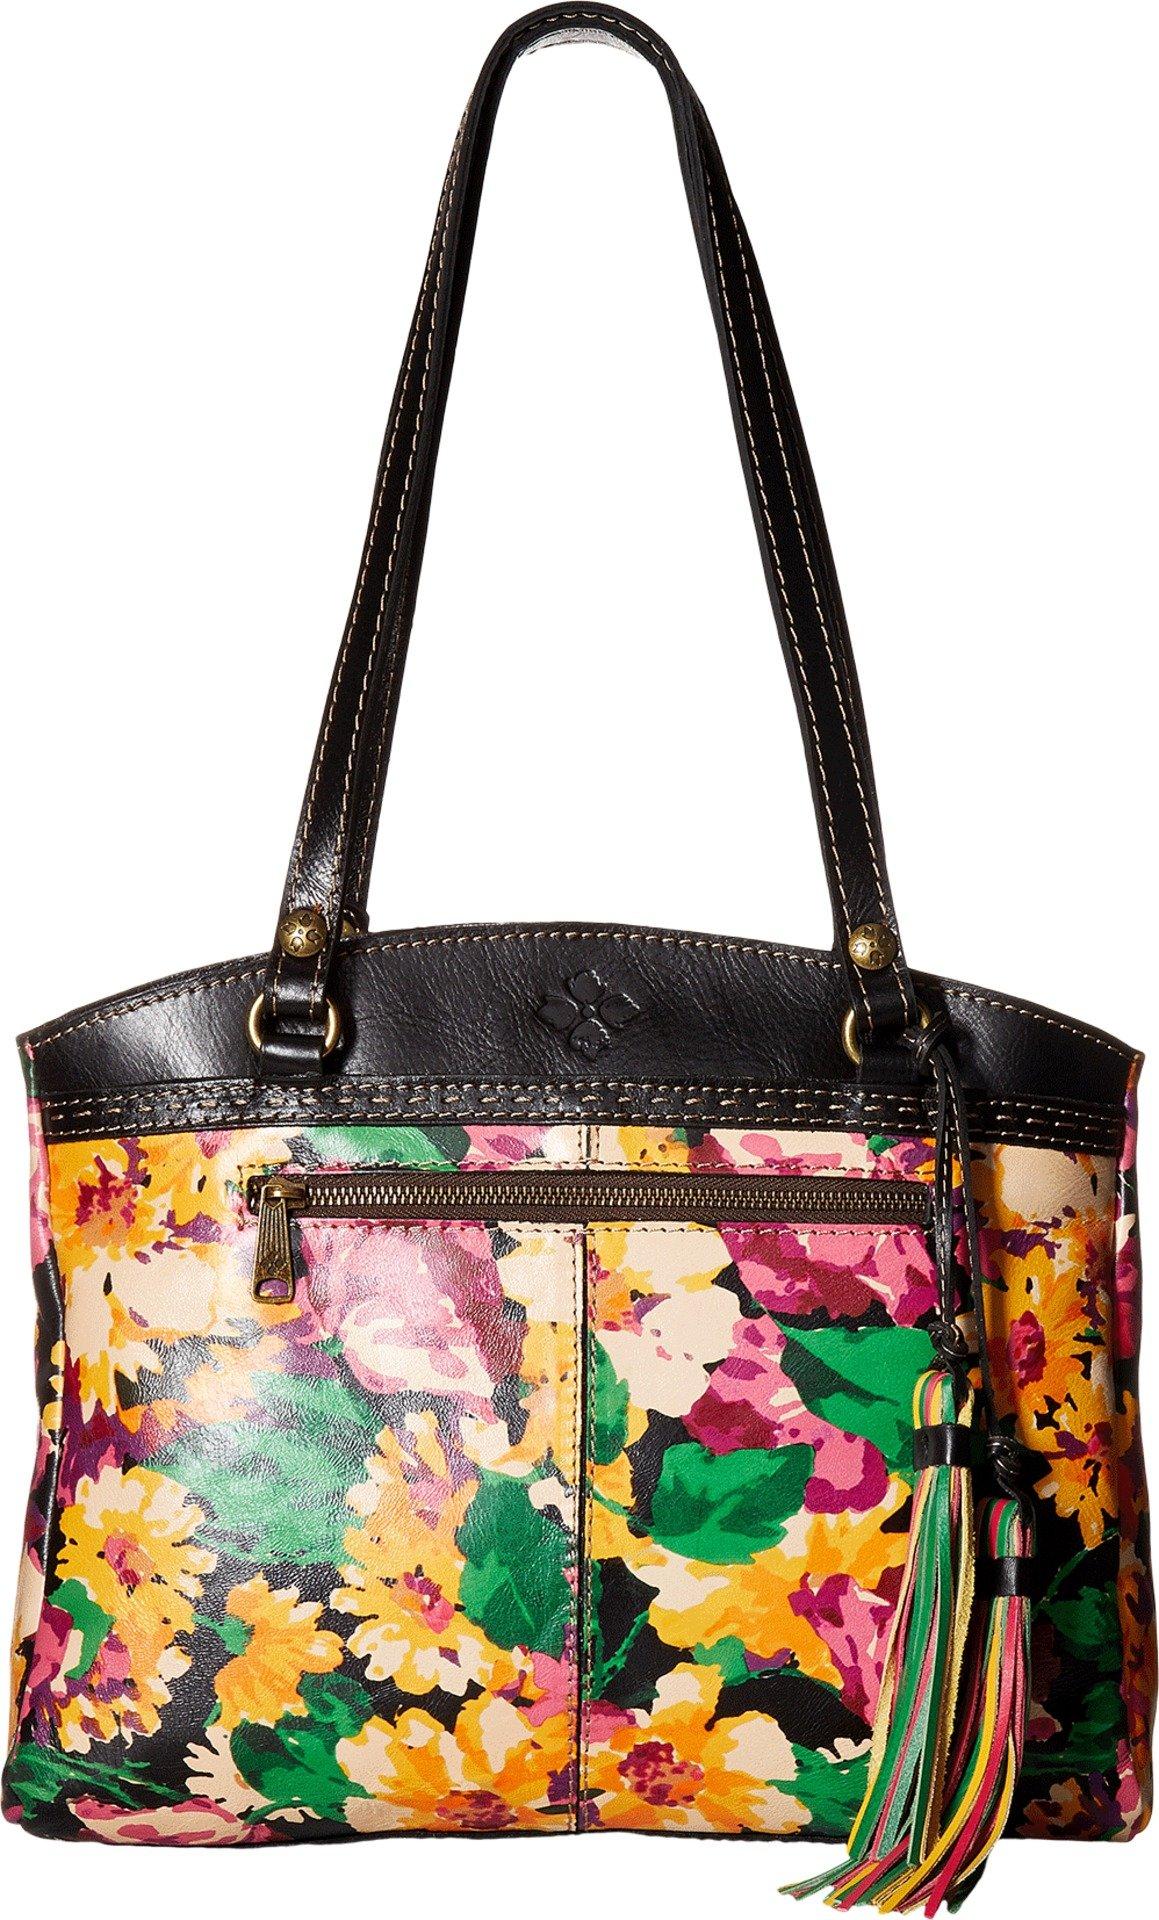 Patricia Nash Women's Poppy Tote Summer Evening Bloom Handbag